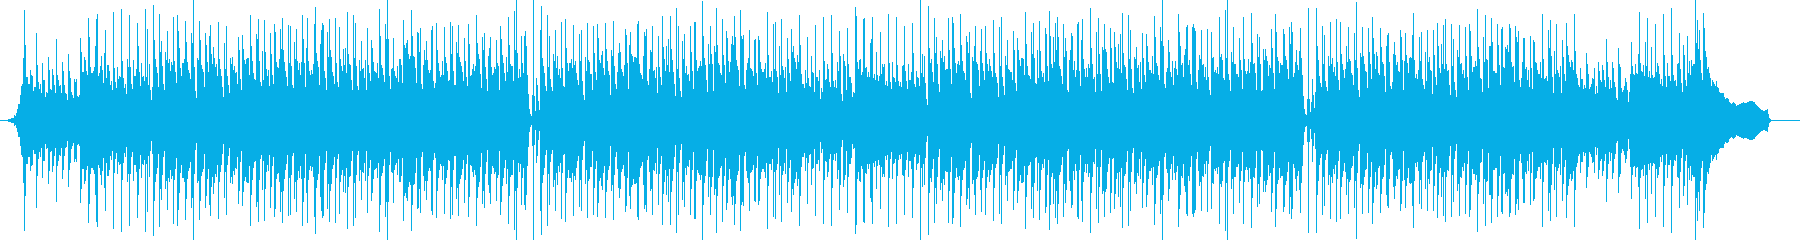 CM、ムービー等爽やかでほのぼのポップcの再生済みの波形